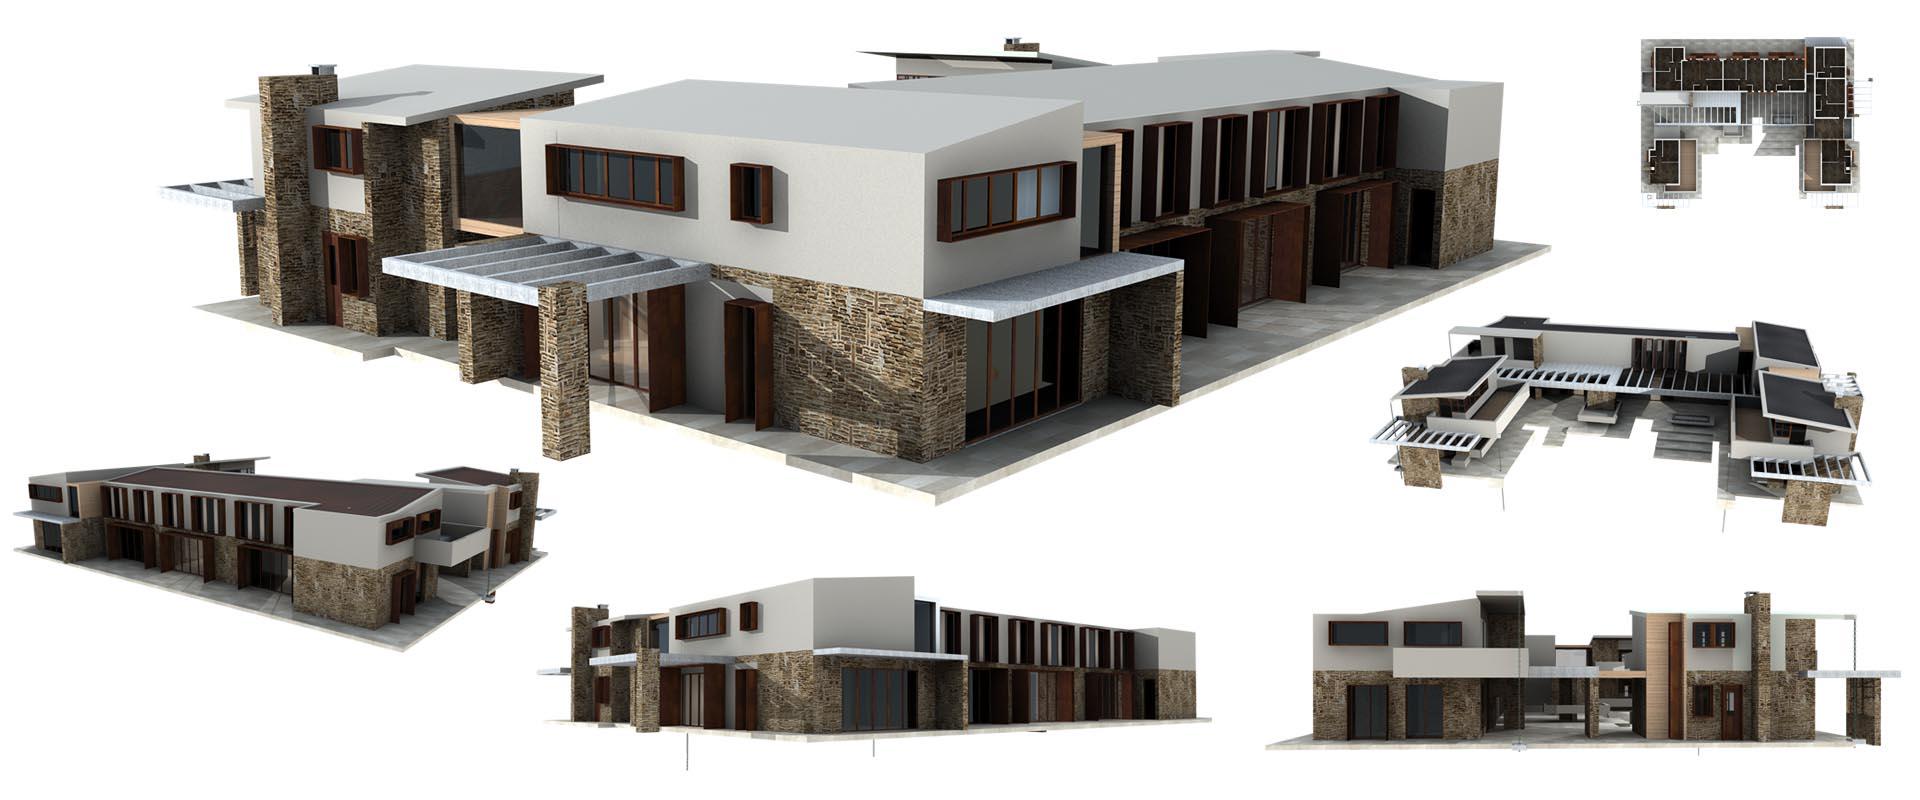 aironic_ugo_capparelli_architettura_design_rendering__villa_principina